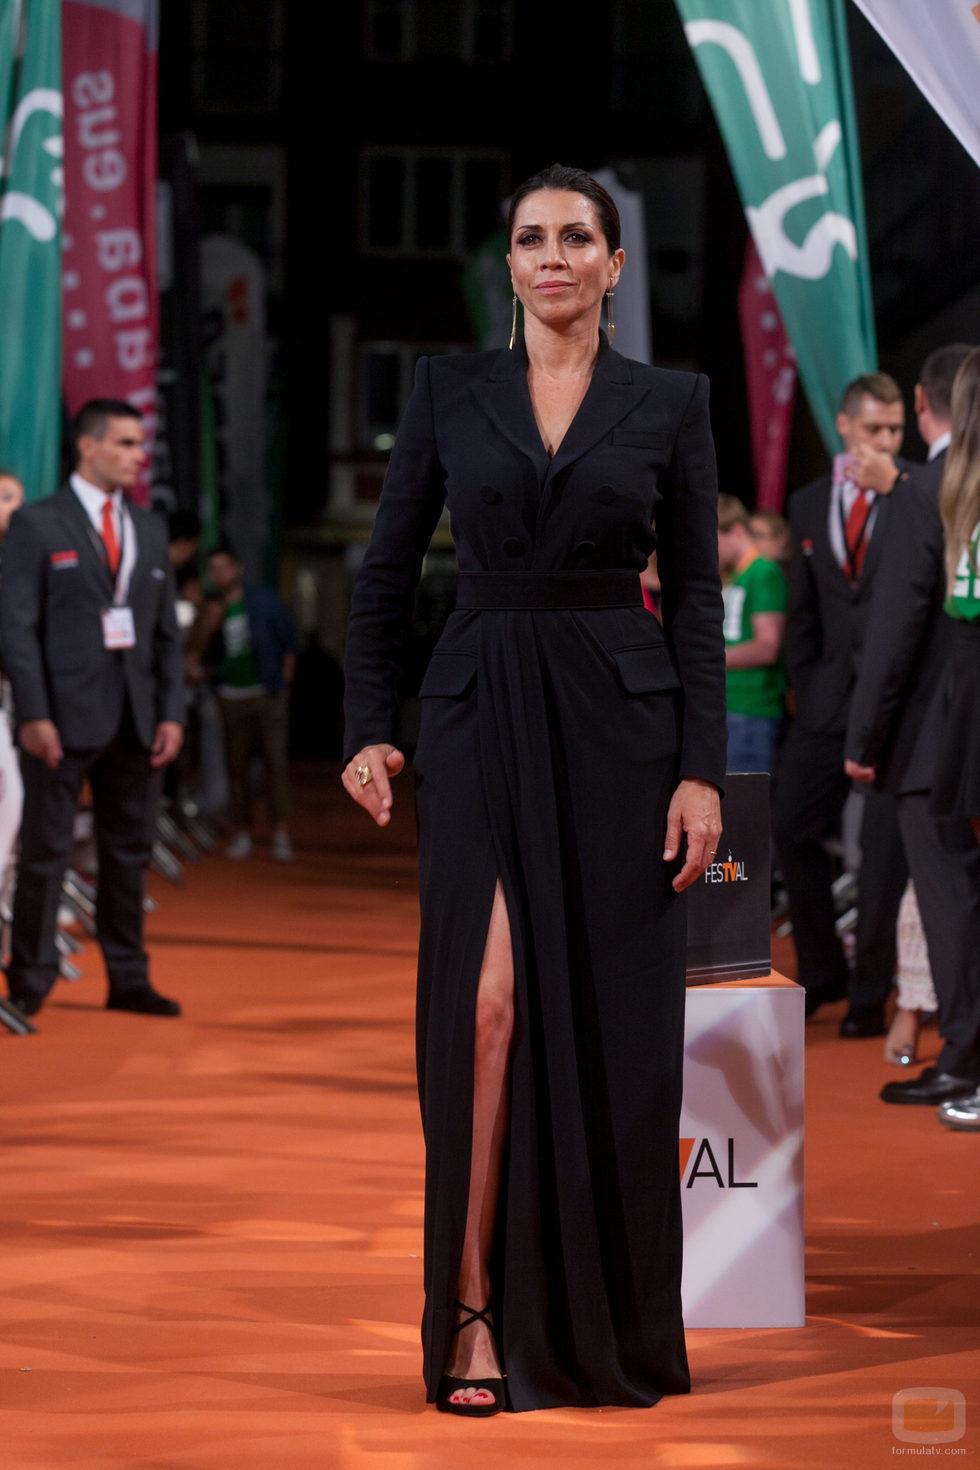 Alicia Borrachero en la alfombra naranja del FesTVal para la presentación de 'Tiempos de guerra'